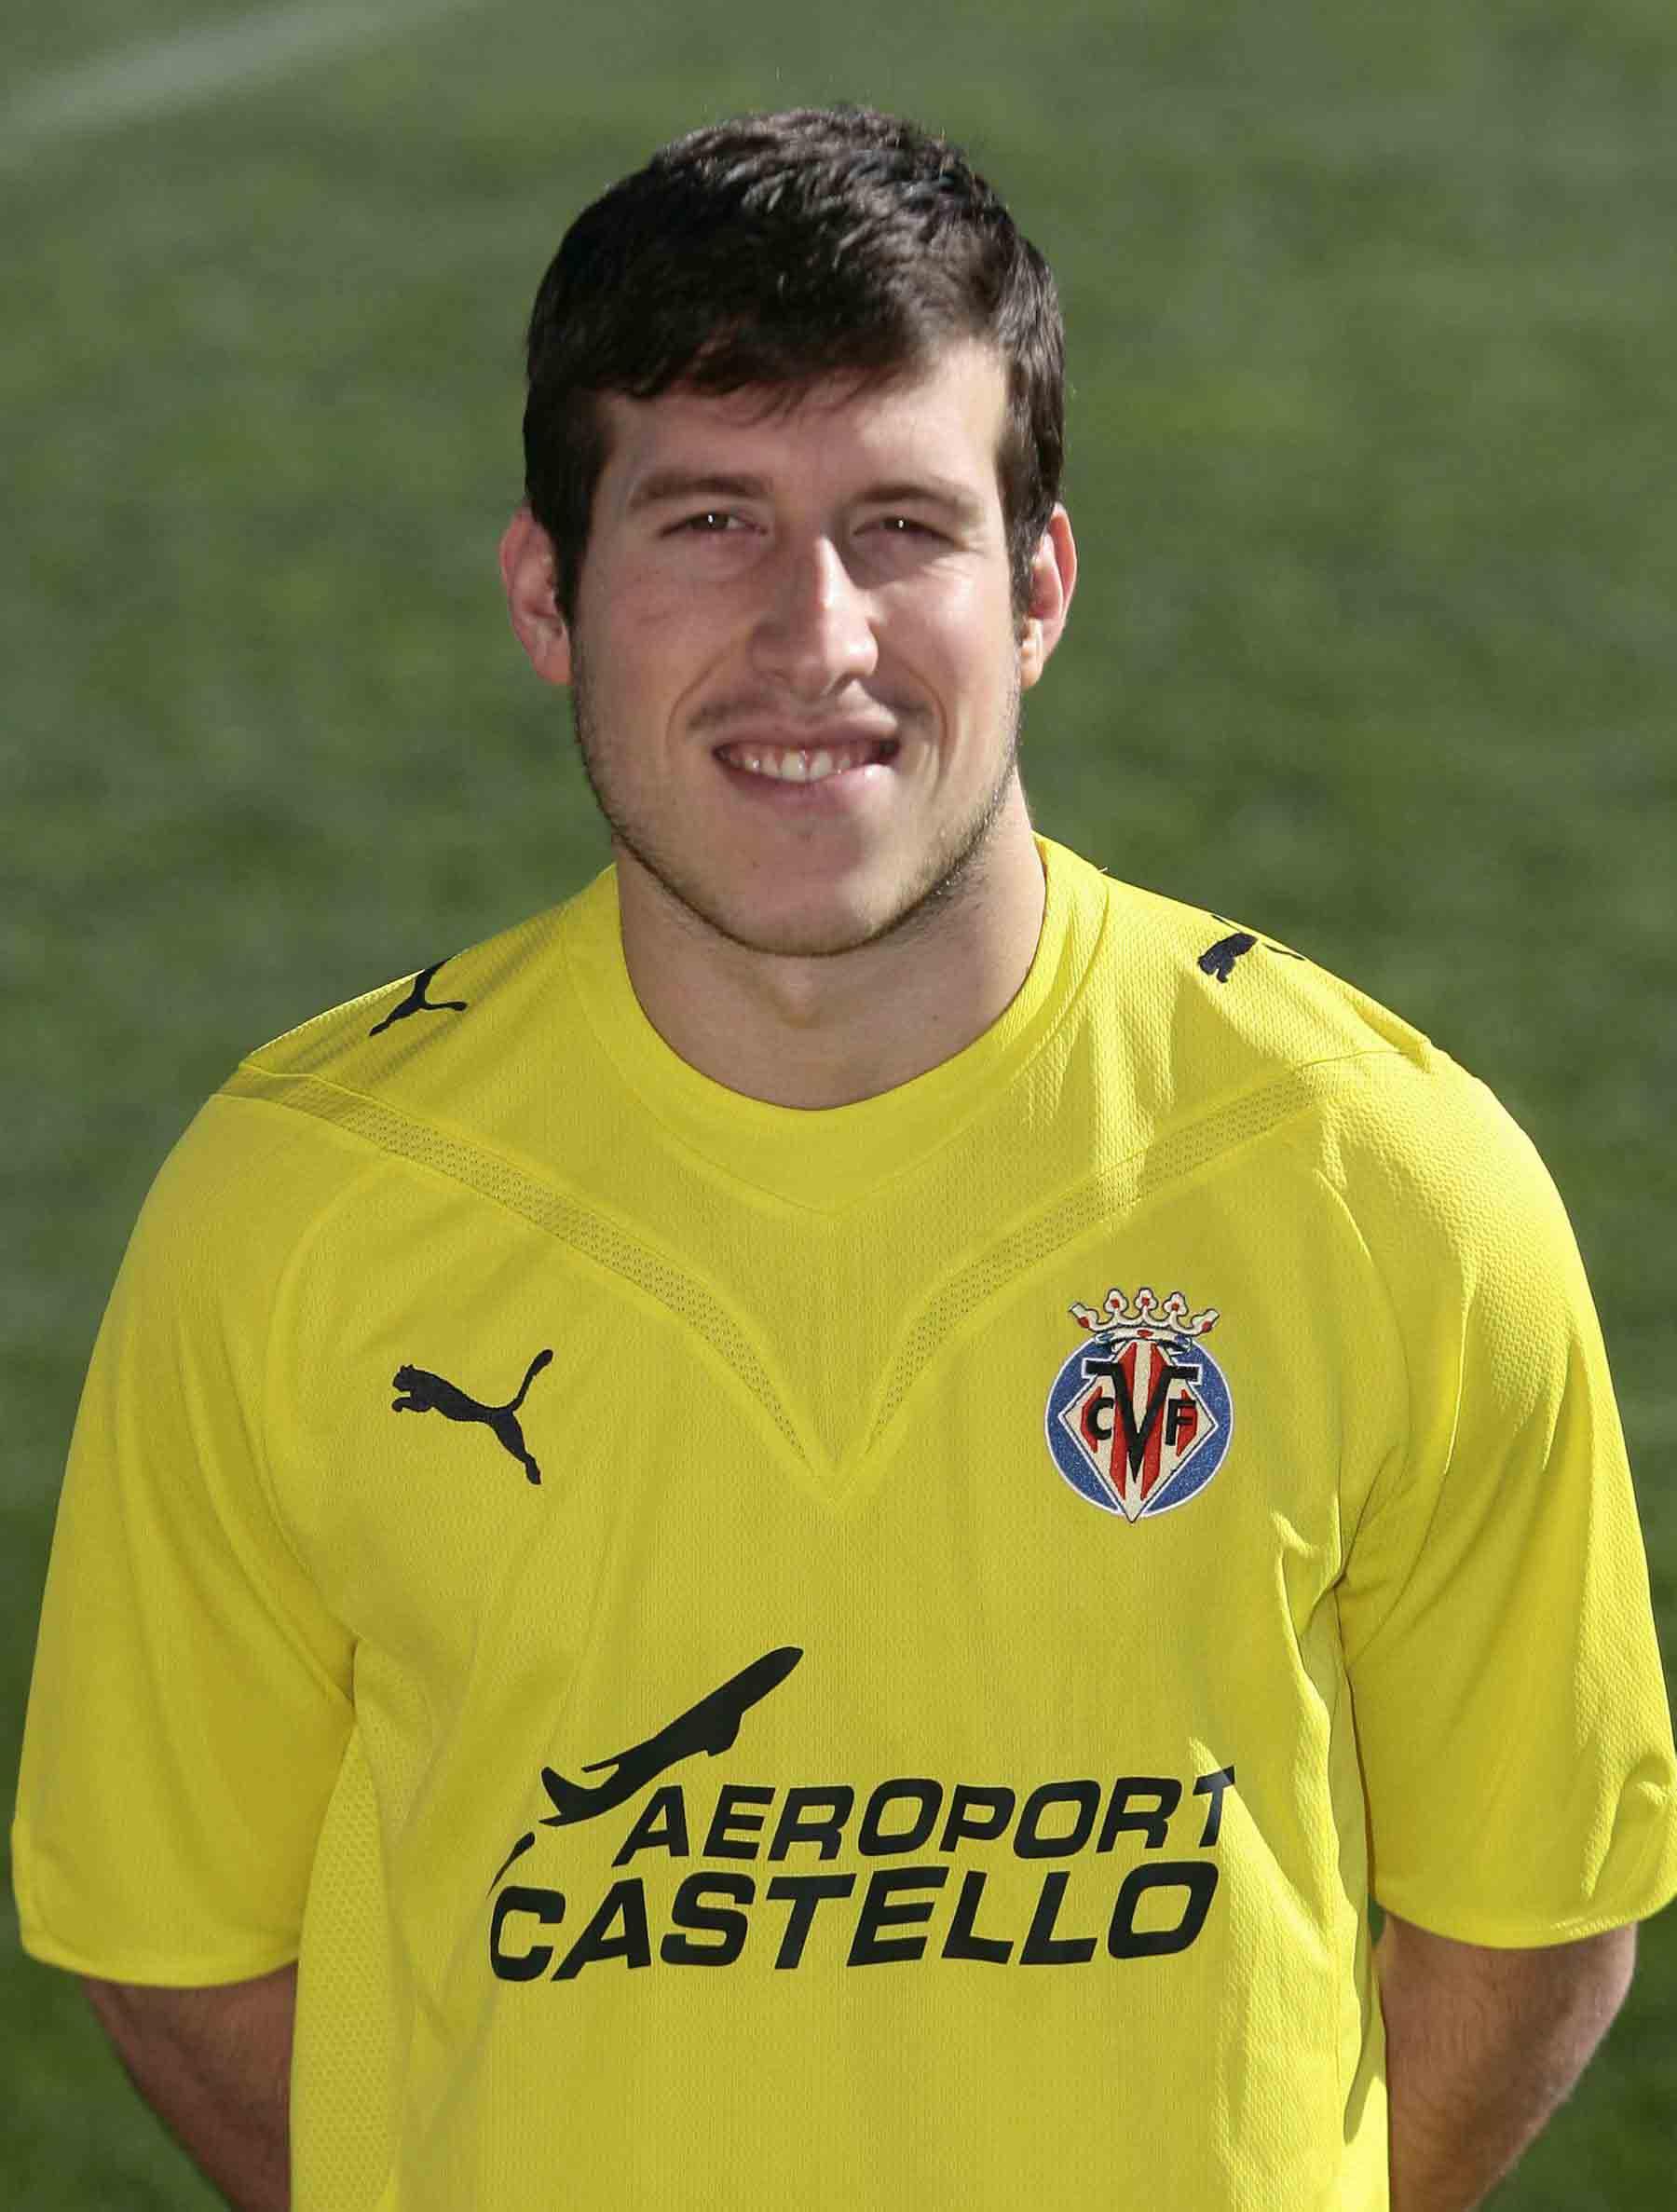 Sema espera debutar pronto con el Villarreal B.